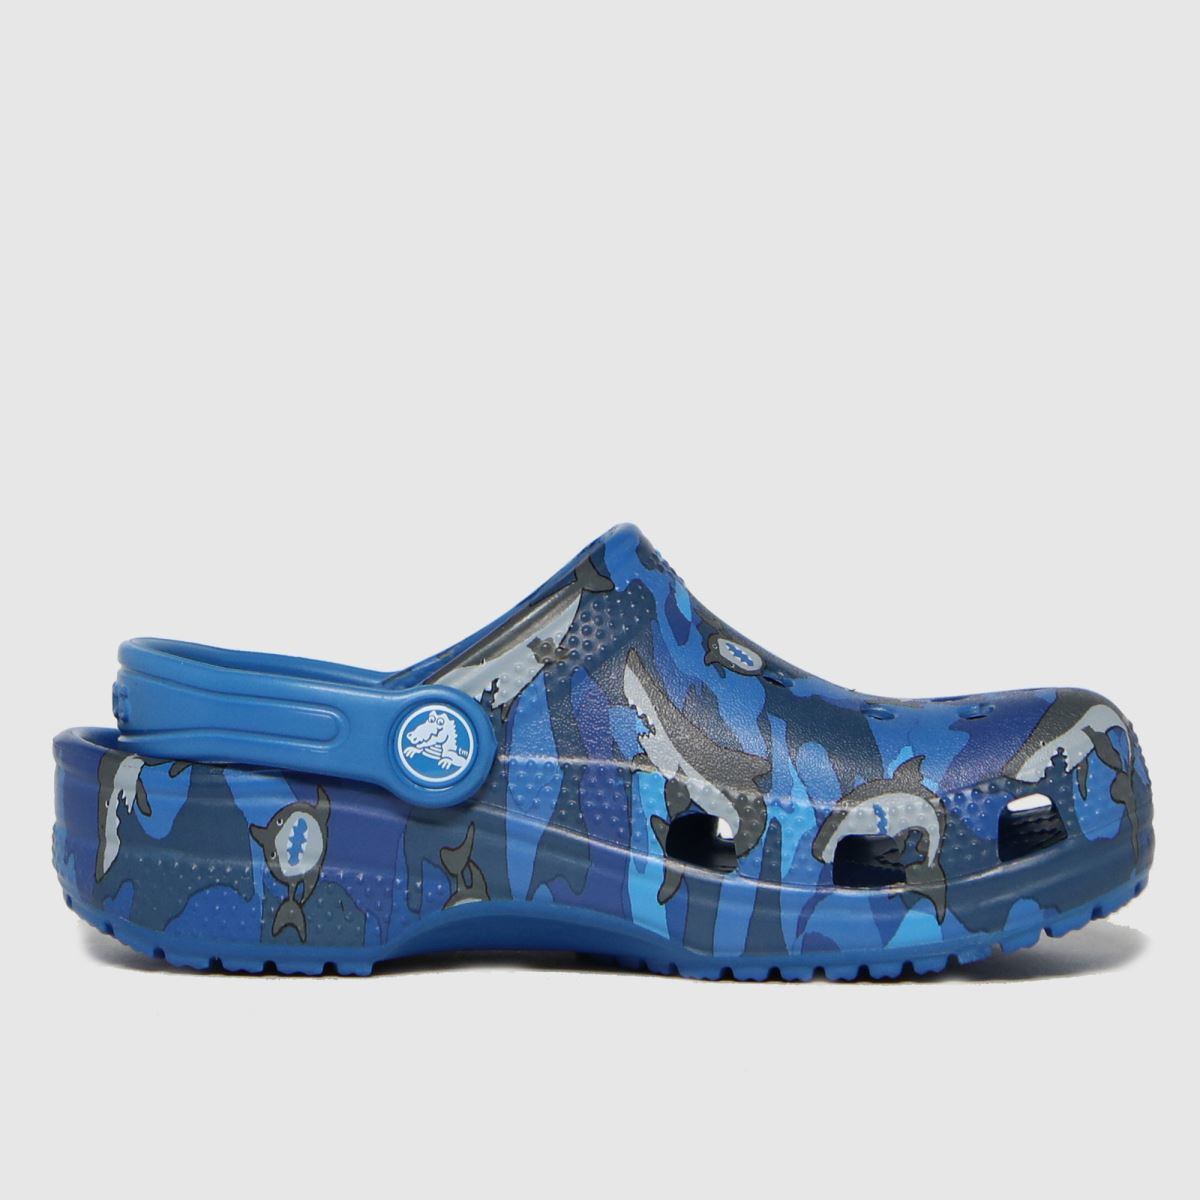 Crocs Blue Classic Clog SANDAL Junior